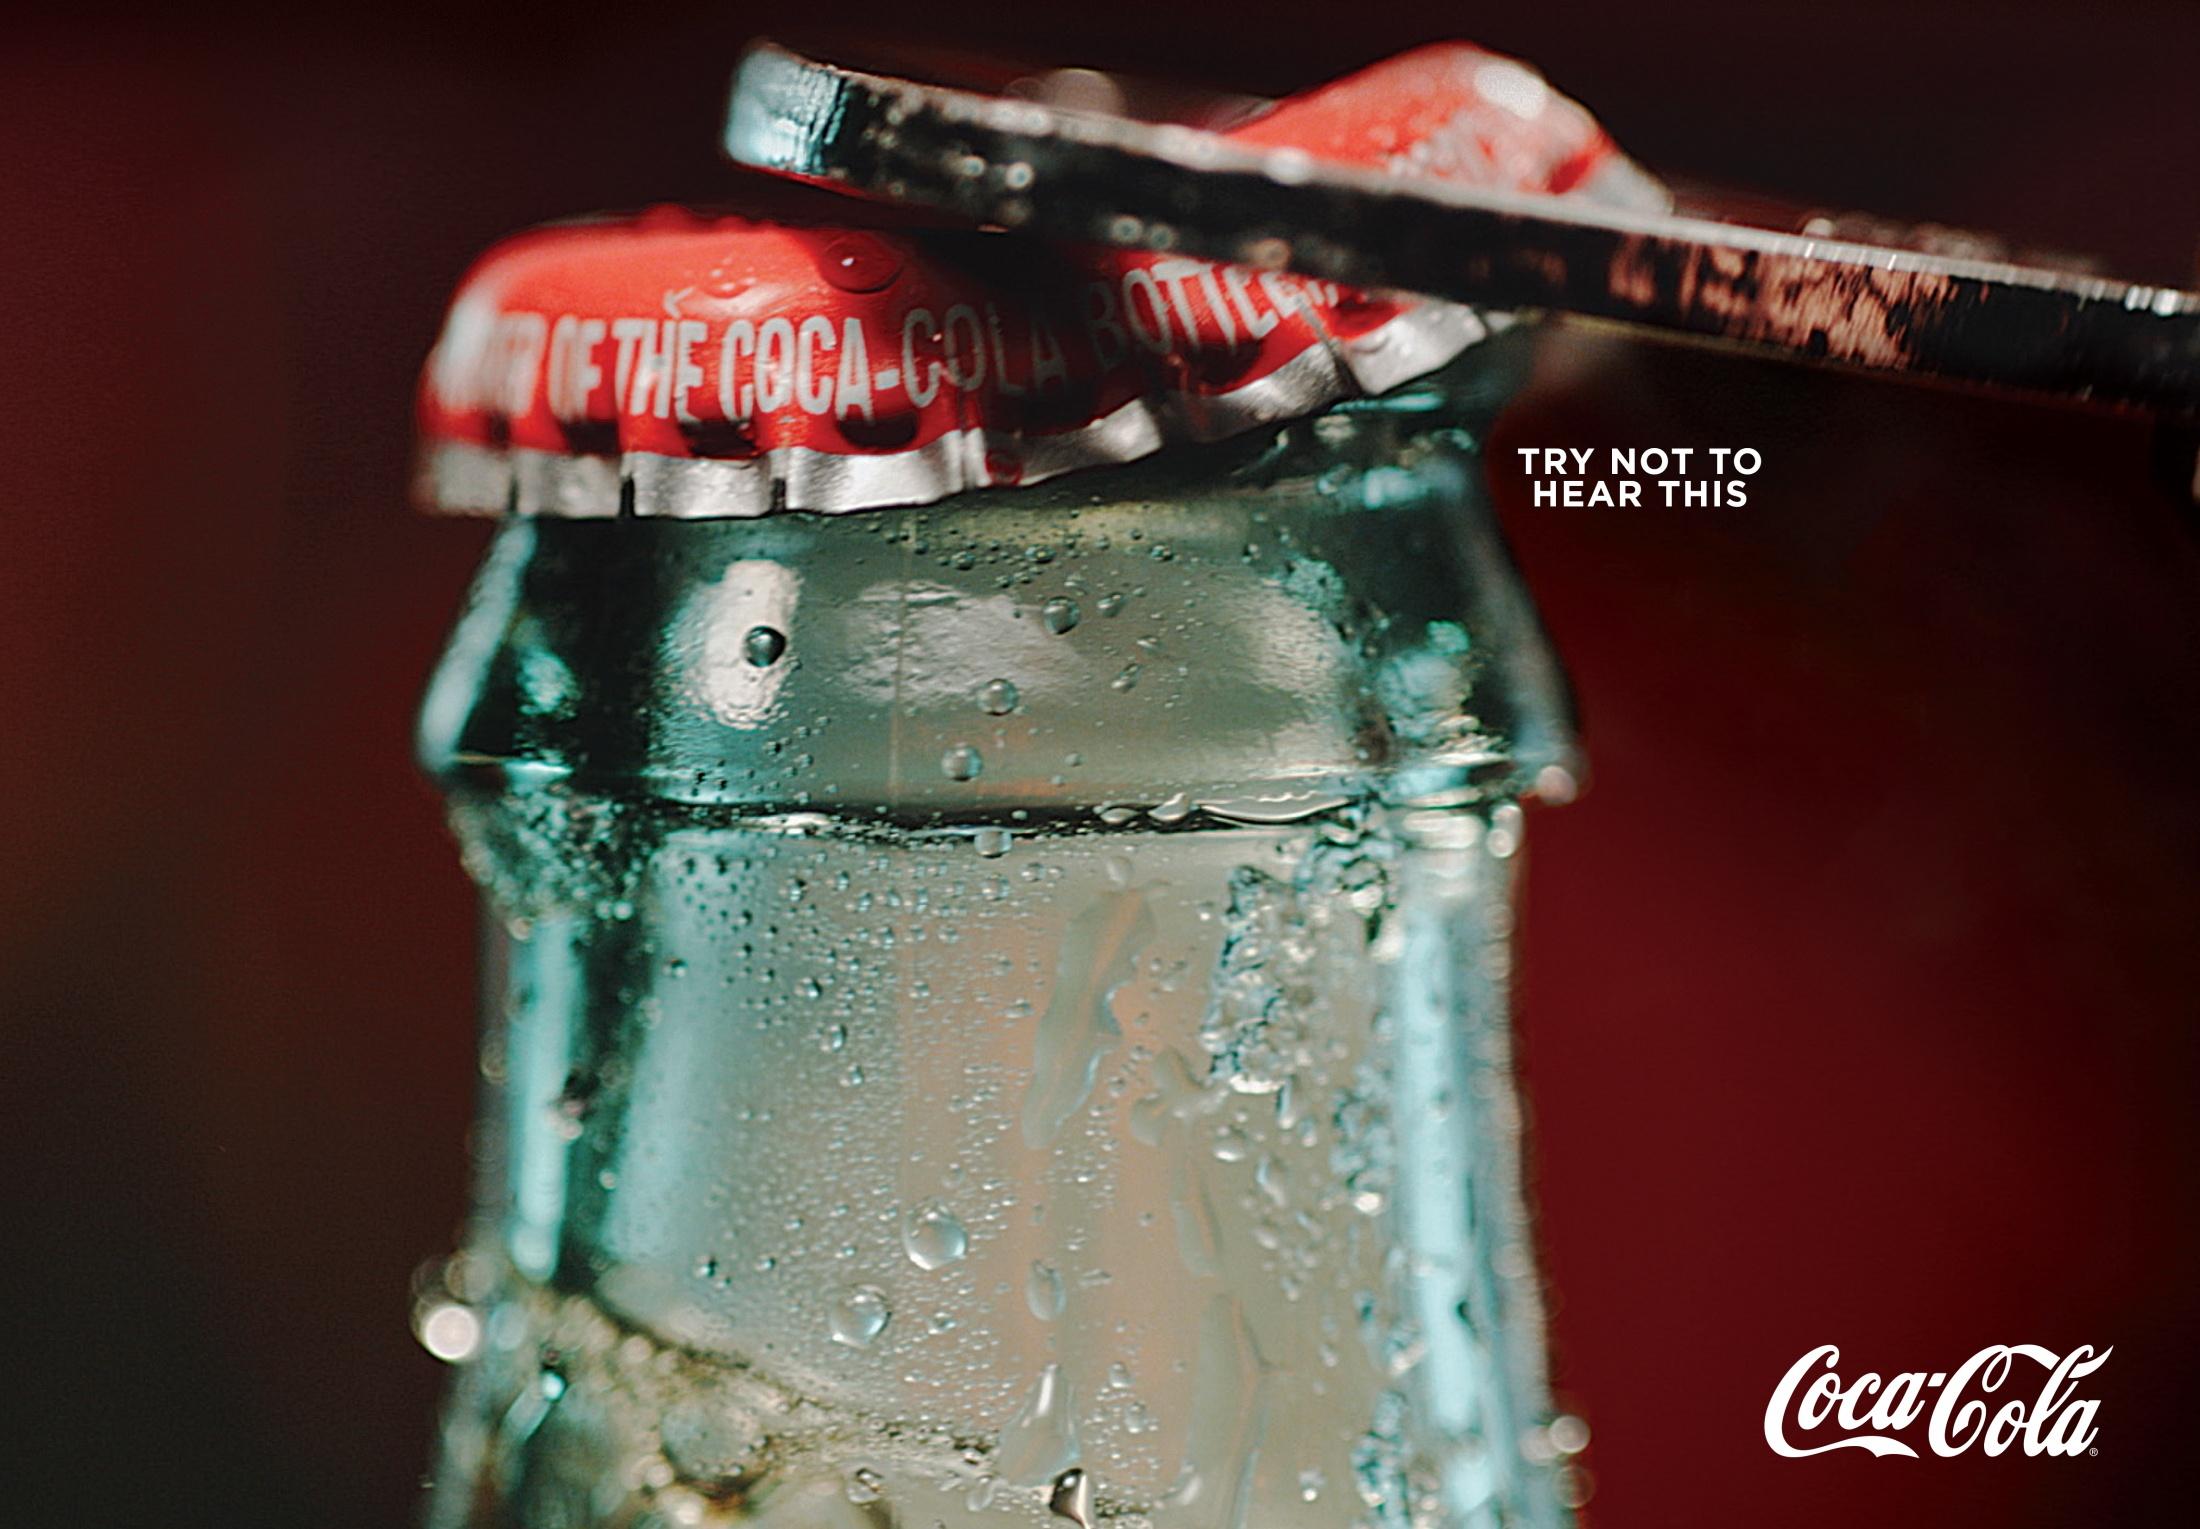 Thumbnail for Coke Ptsshhhh